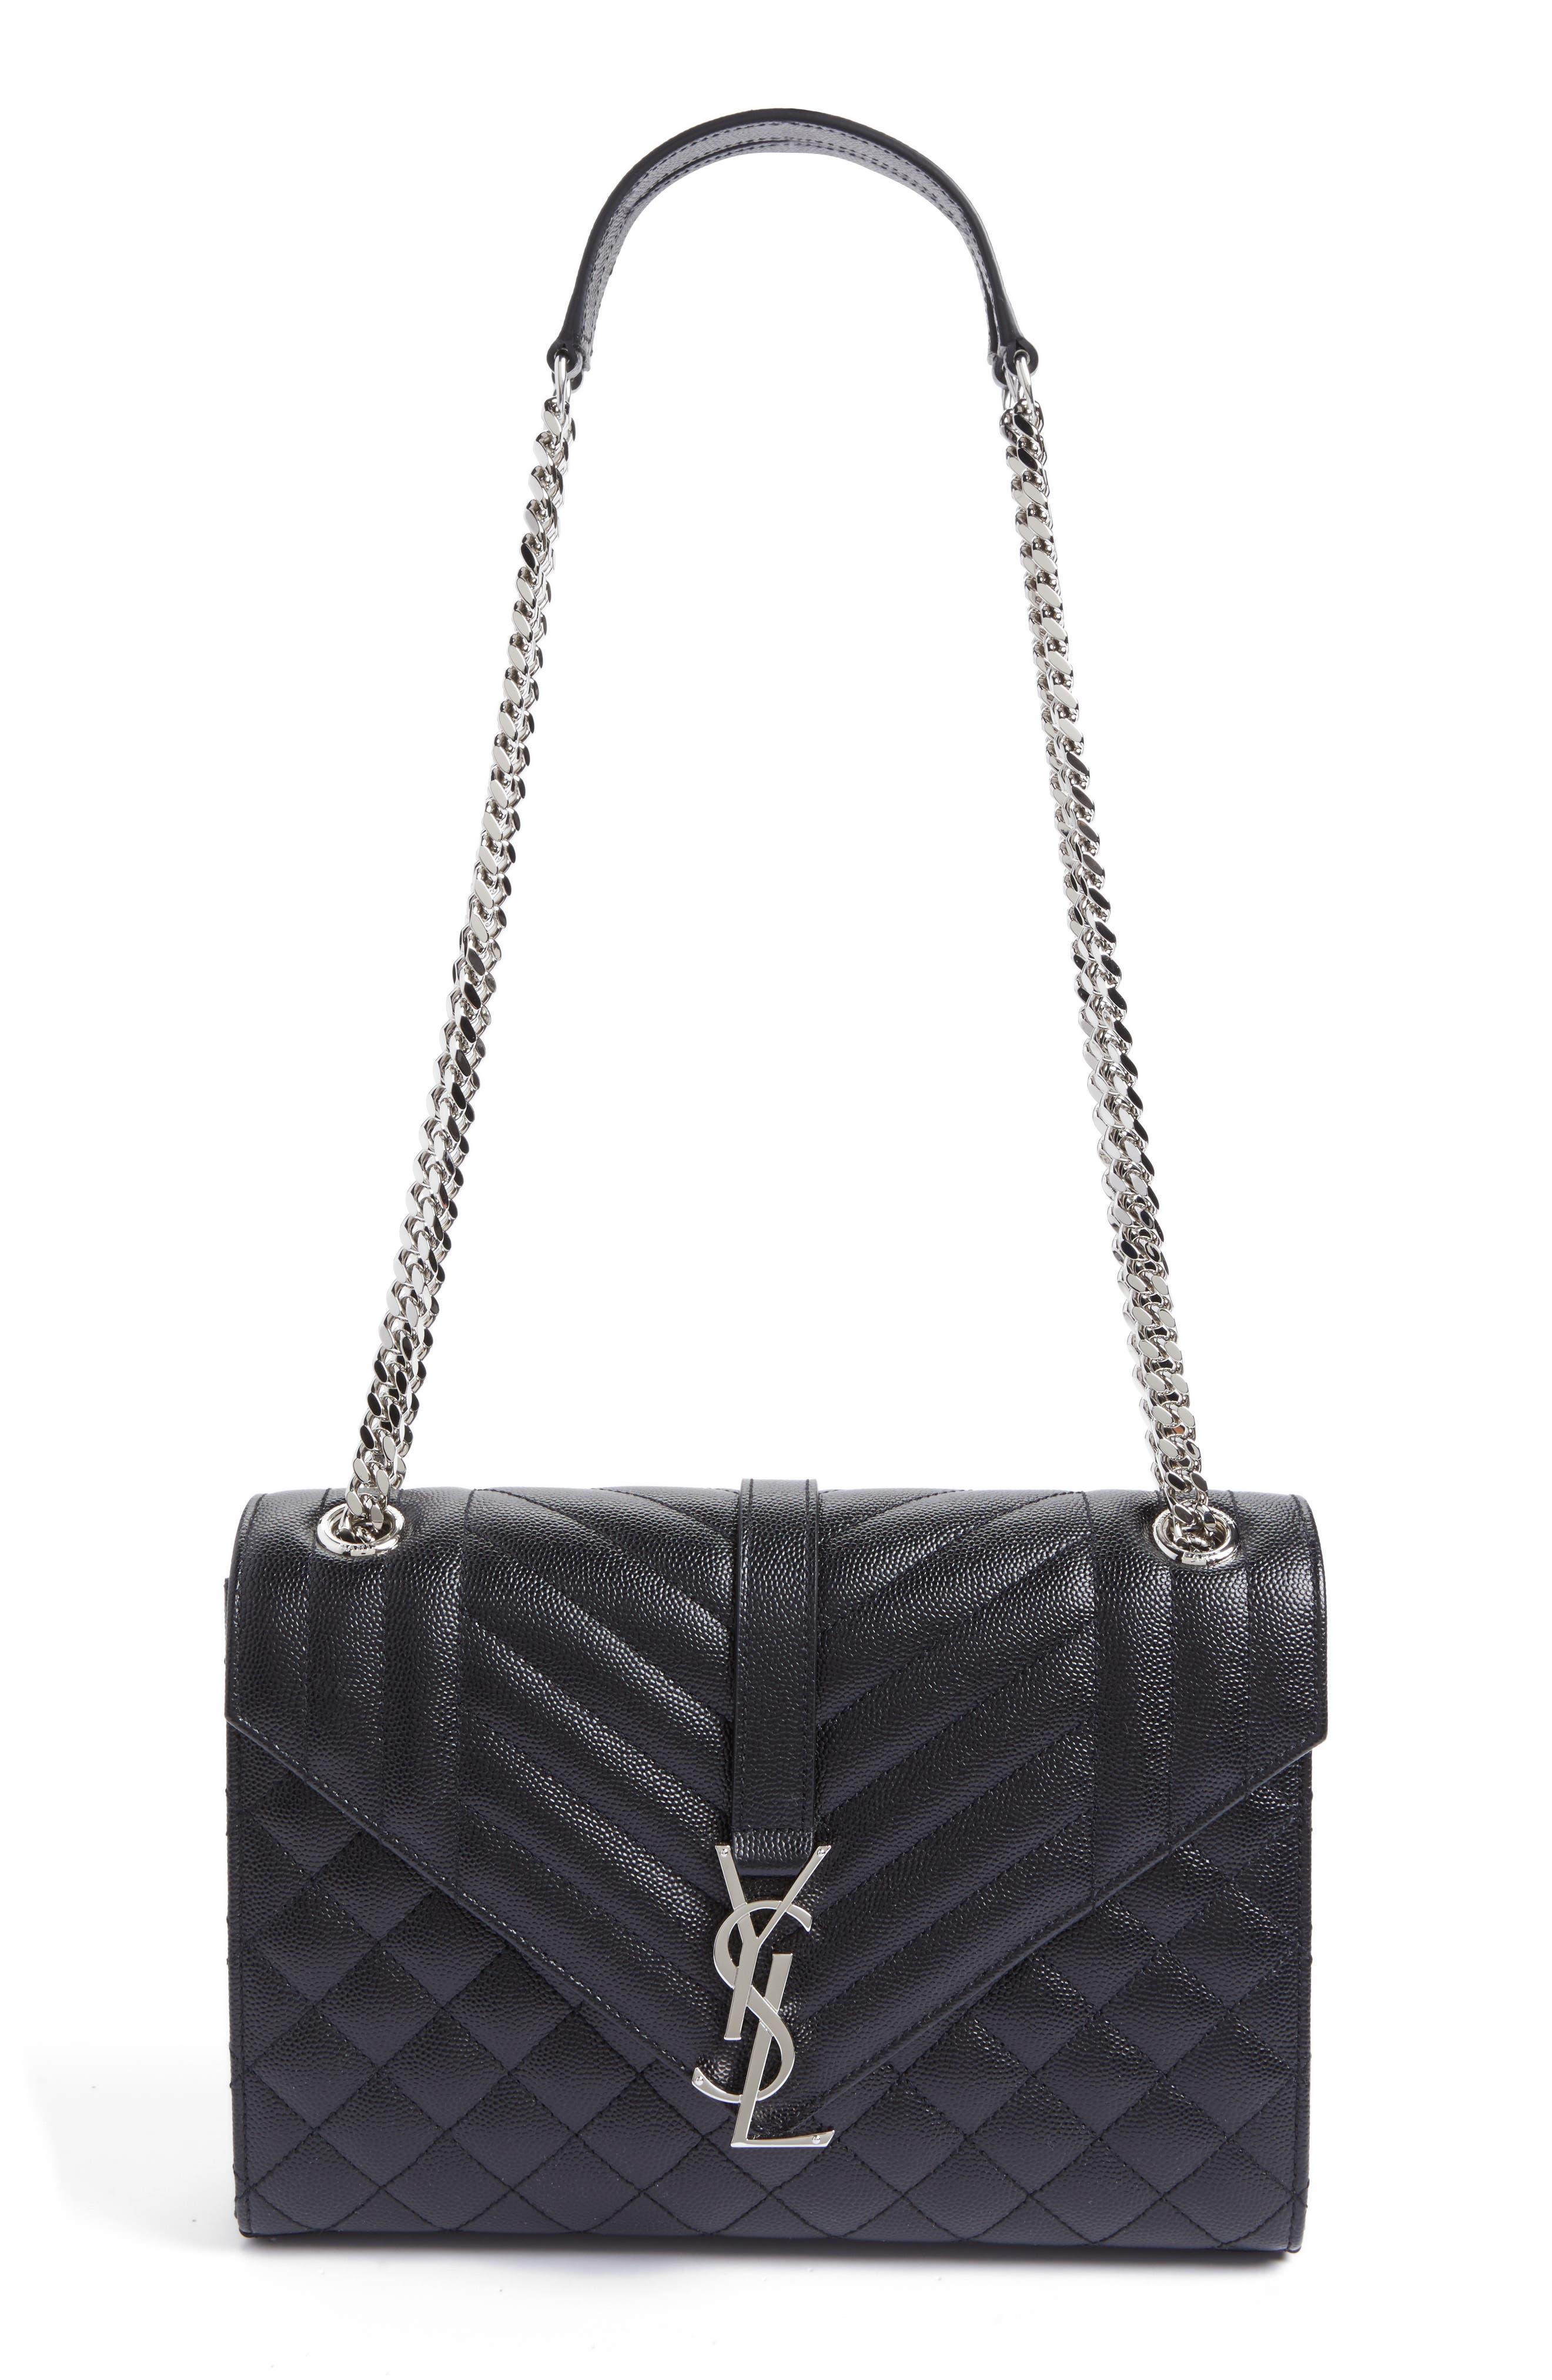 SAINT LAURENT, Large Monogram Quilted Leather Shoulder Bag, Main thumbnail 1, color, NERO